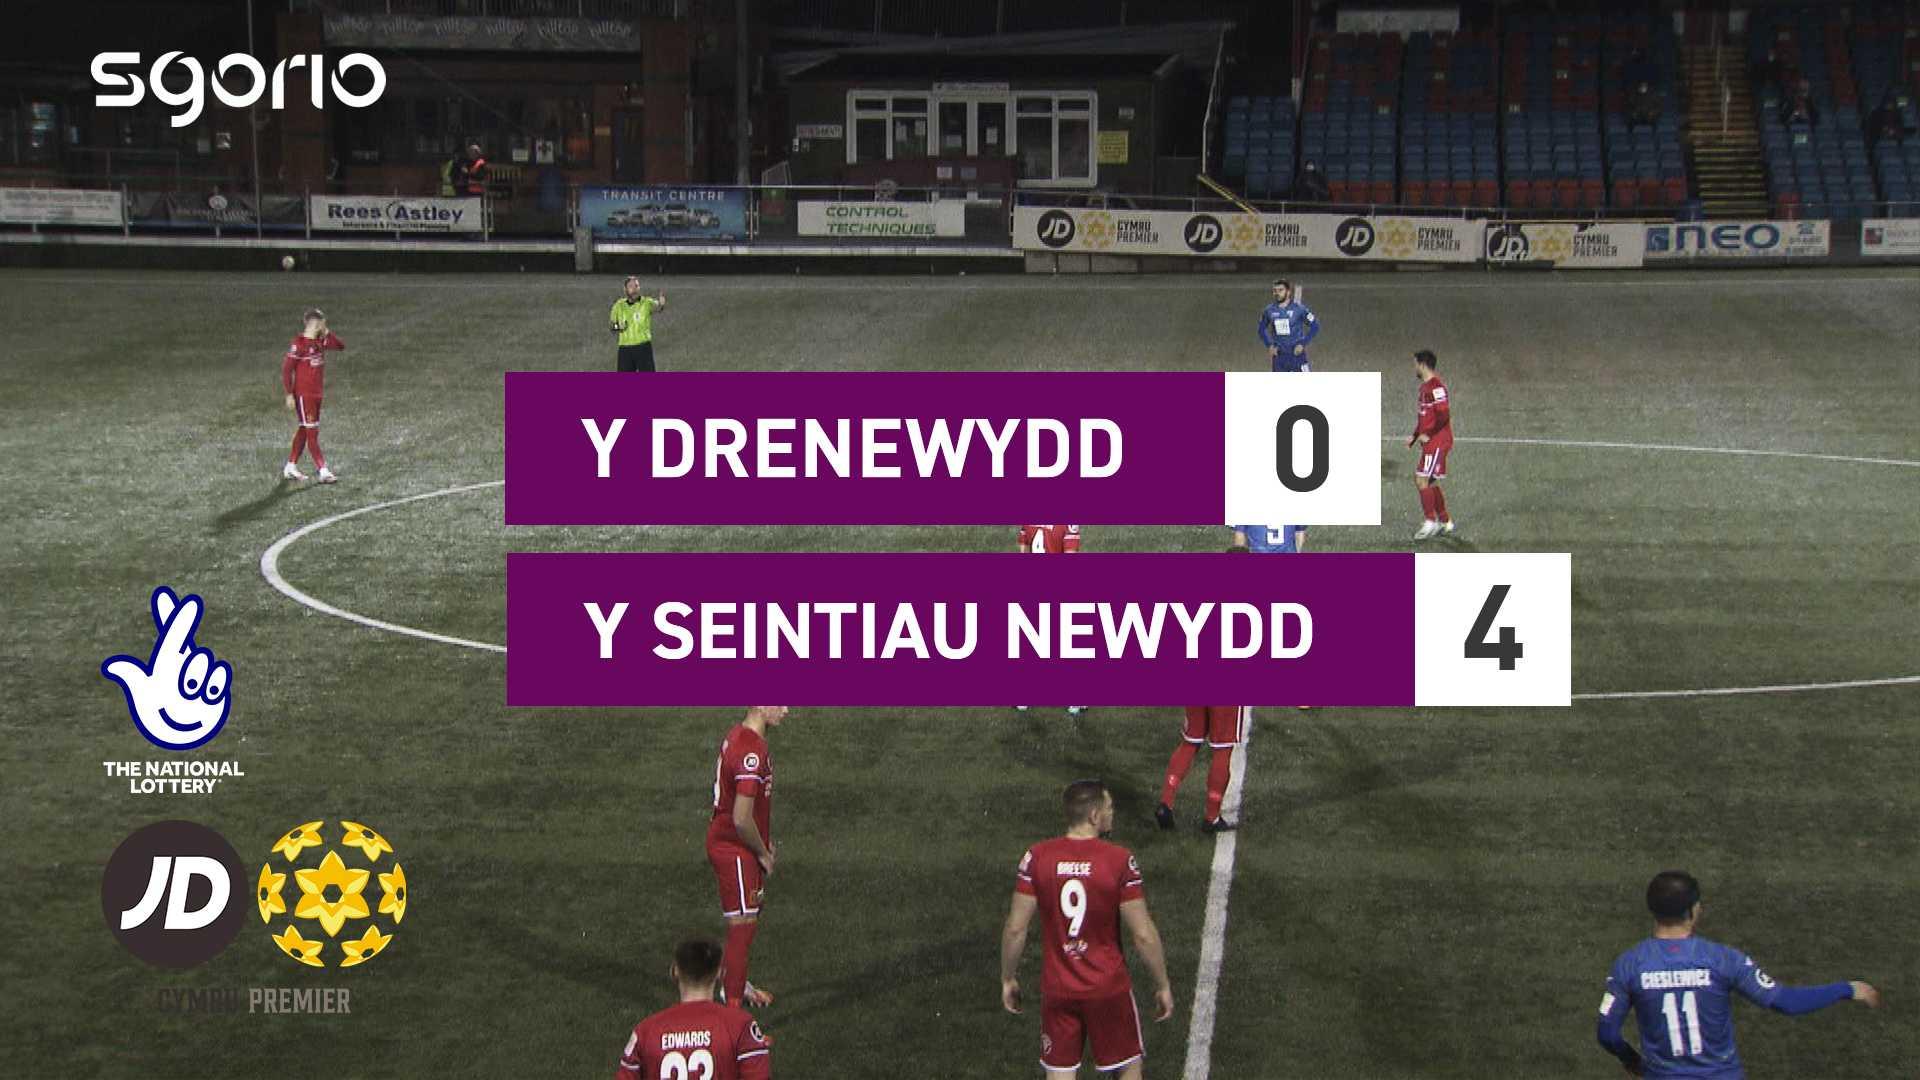 Y Drenewydd 0-4 Y Seintiau Newydd